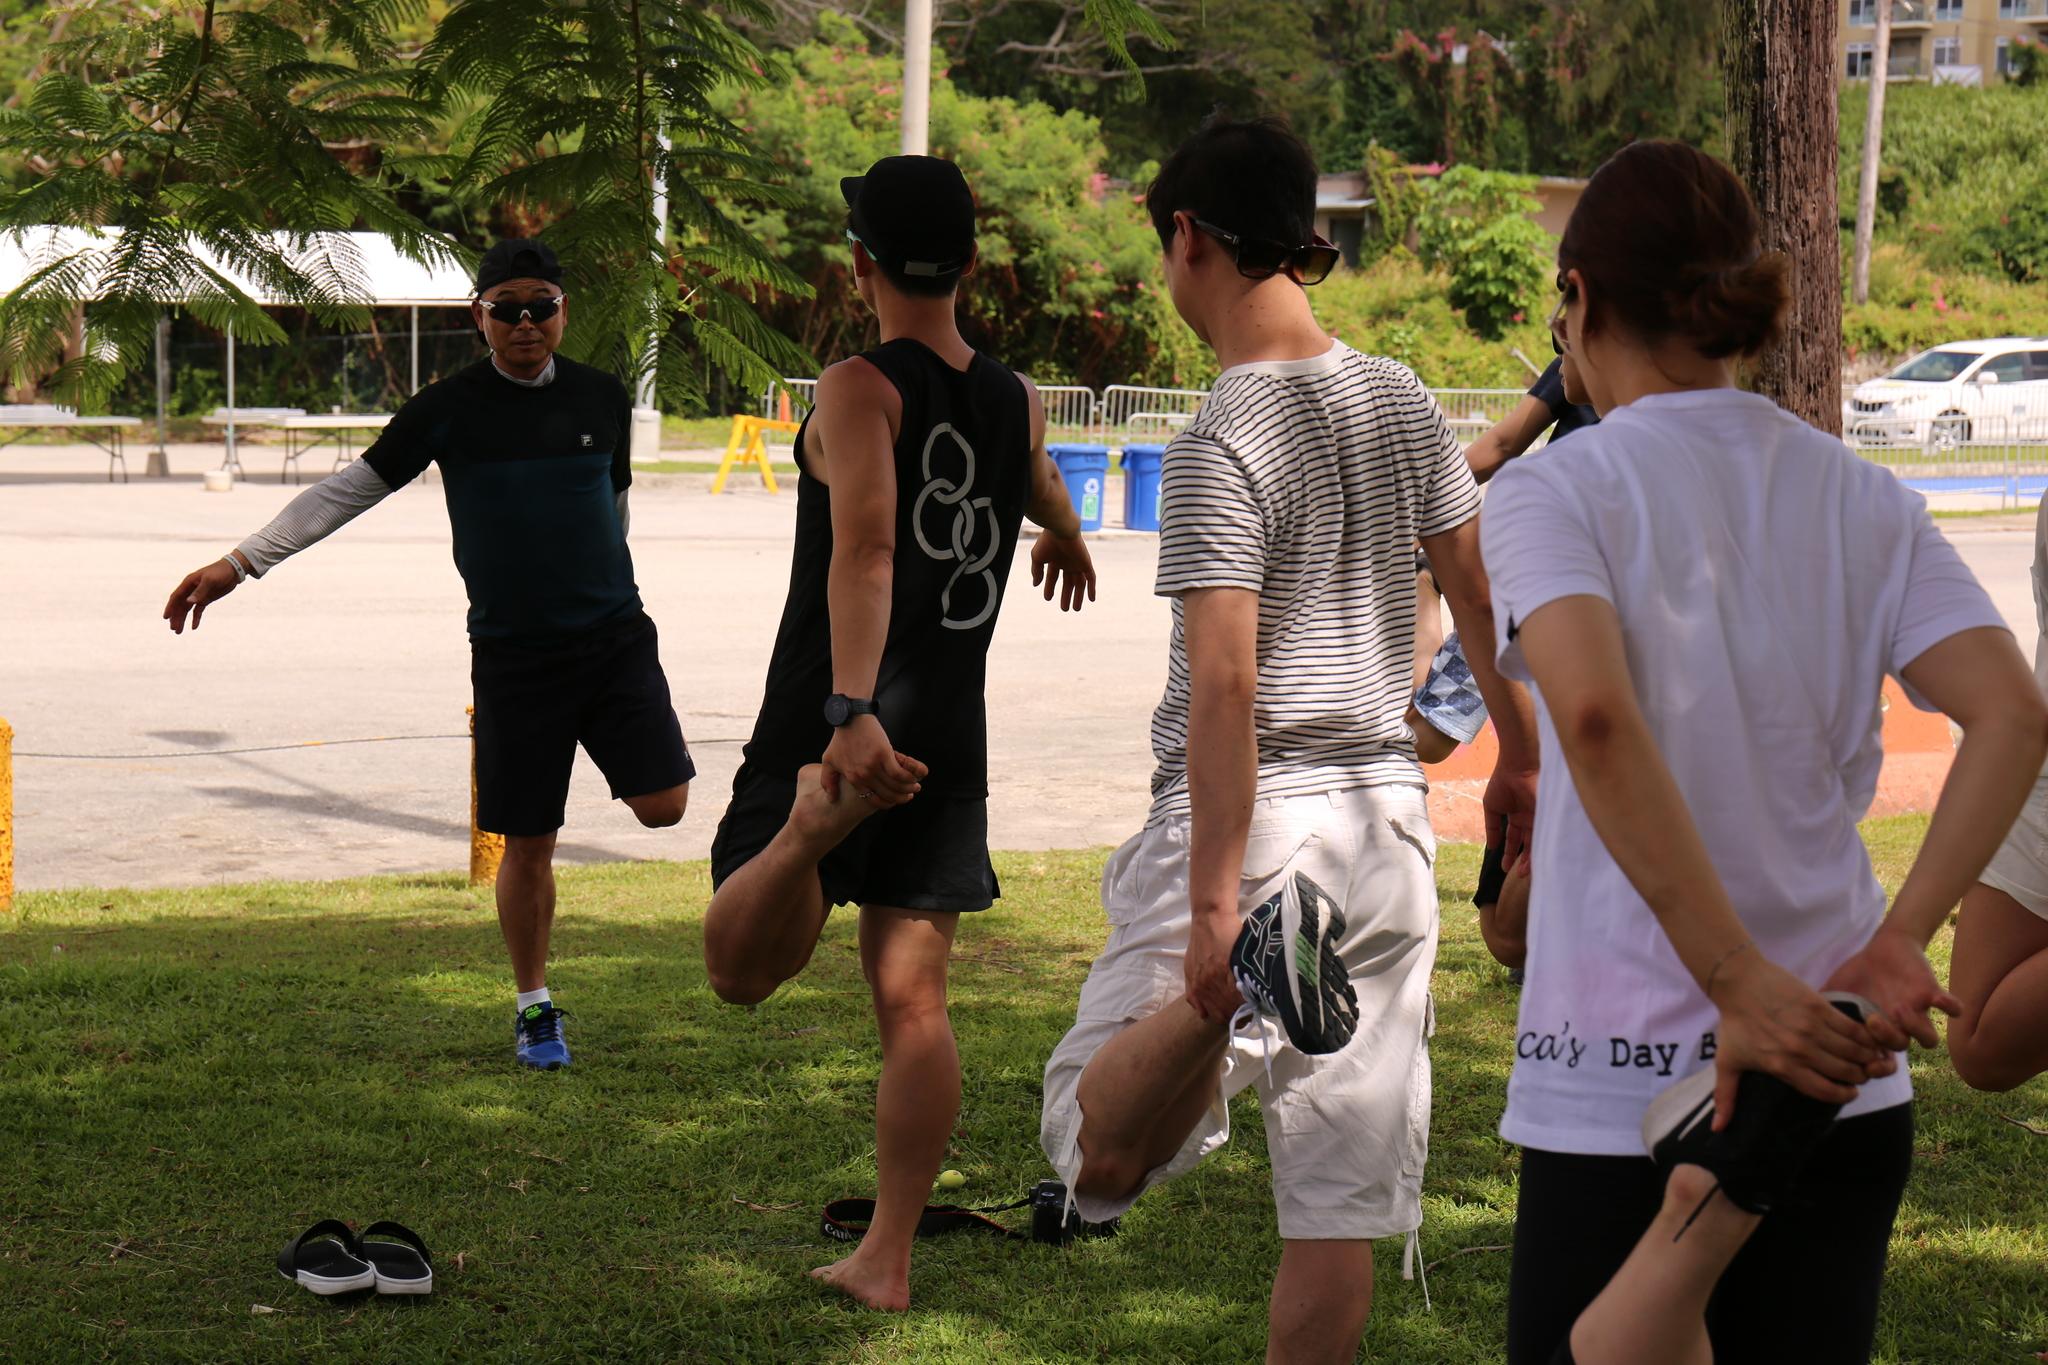 대회 하루 전날, 참가자들과 함께 몸을 풀고 있는 이봉주 선수.